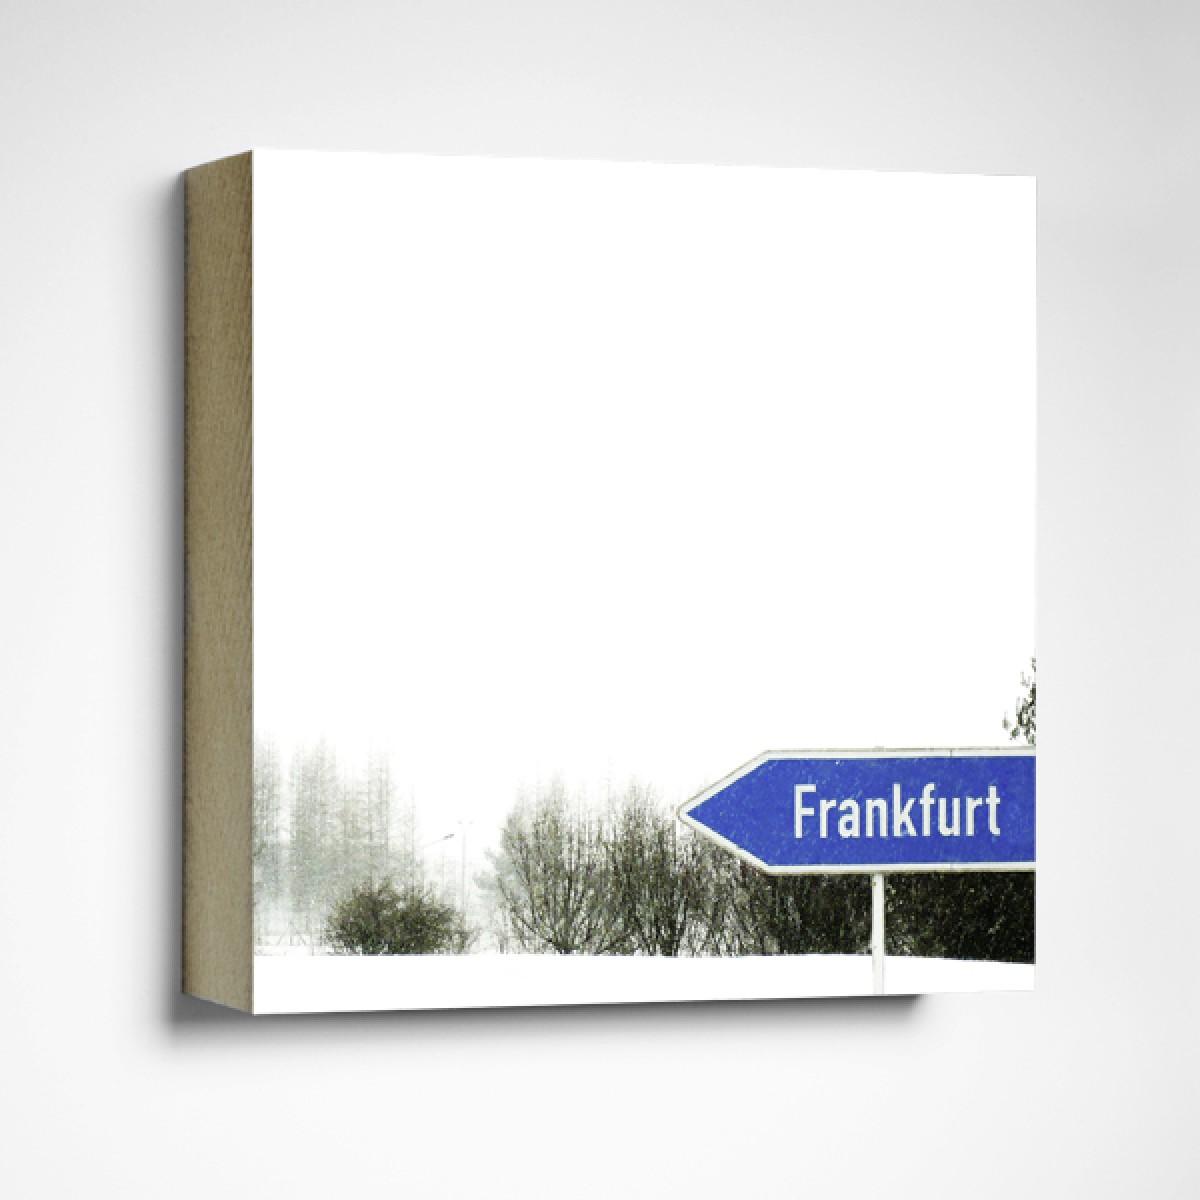 FrankfurterBubb Richtung Frankfurt Foto-Kachel